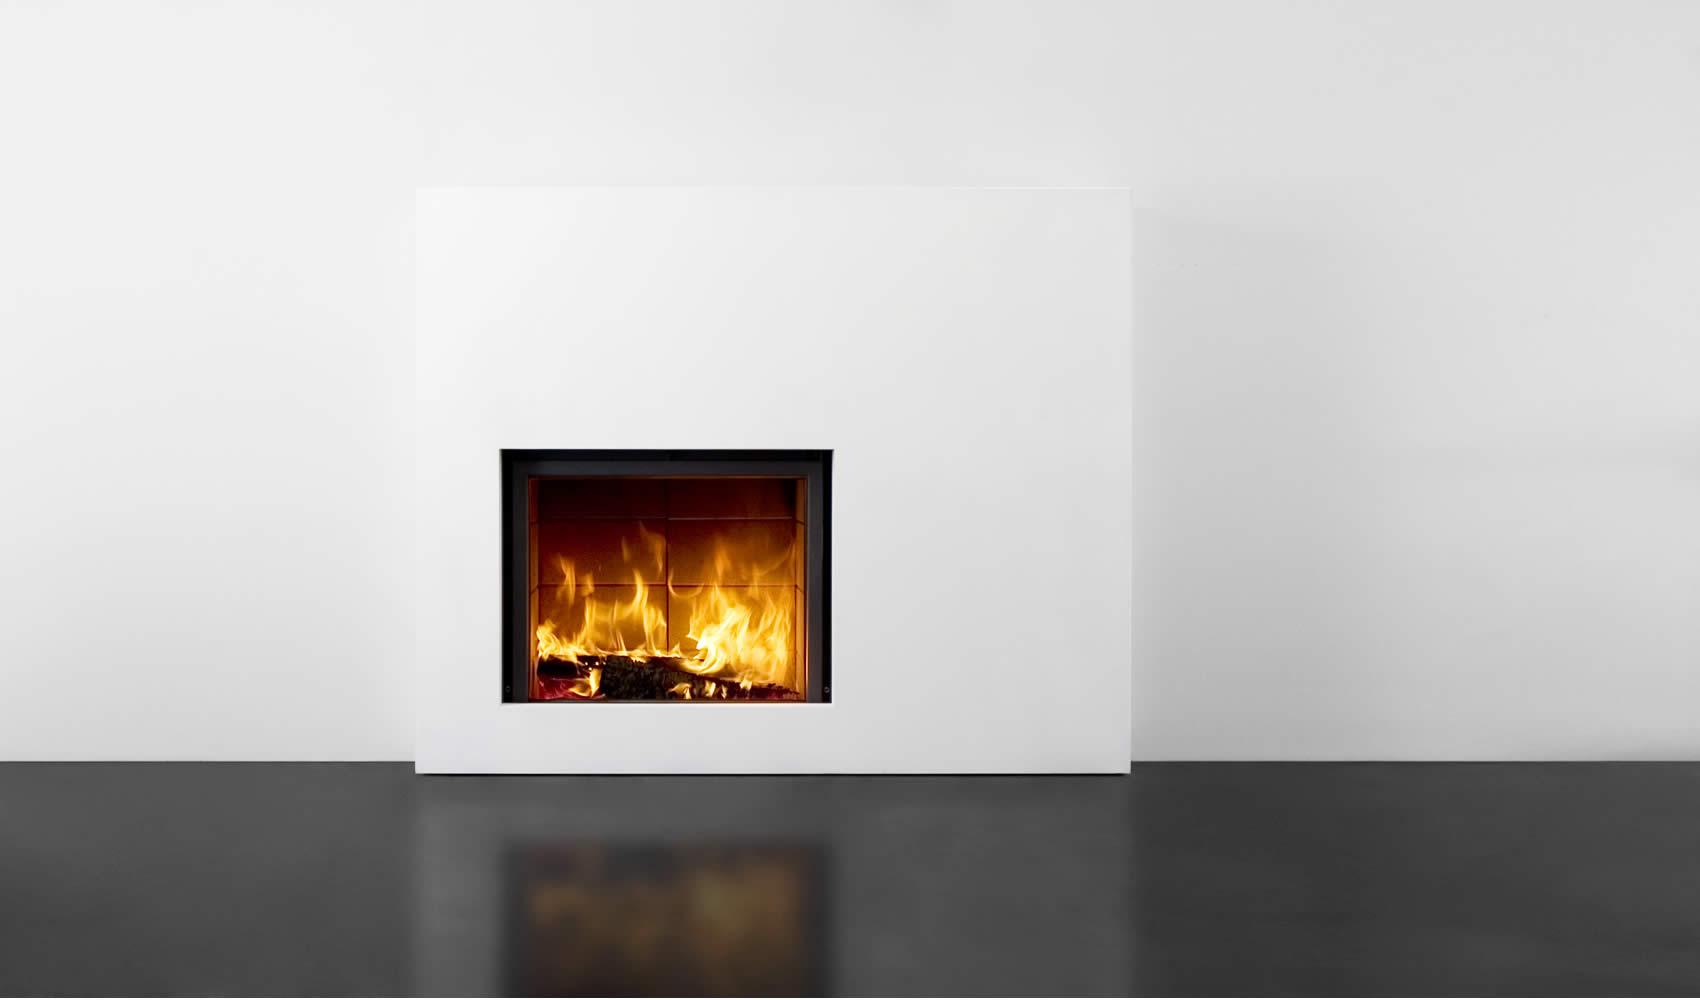 st v 21 85. Black Bedroom Furniture Sets. Home Design Ideas